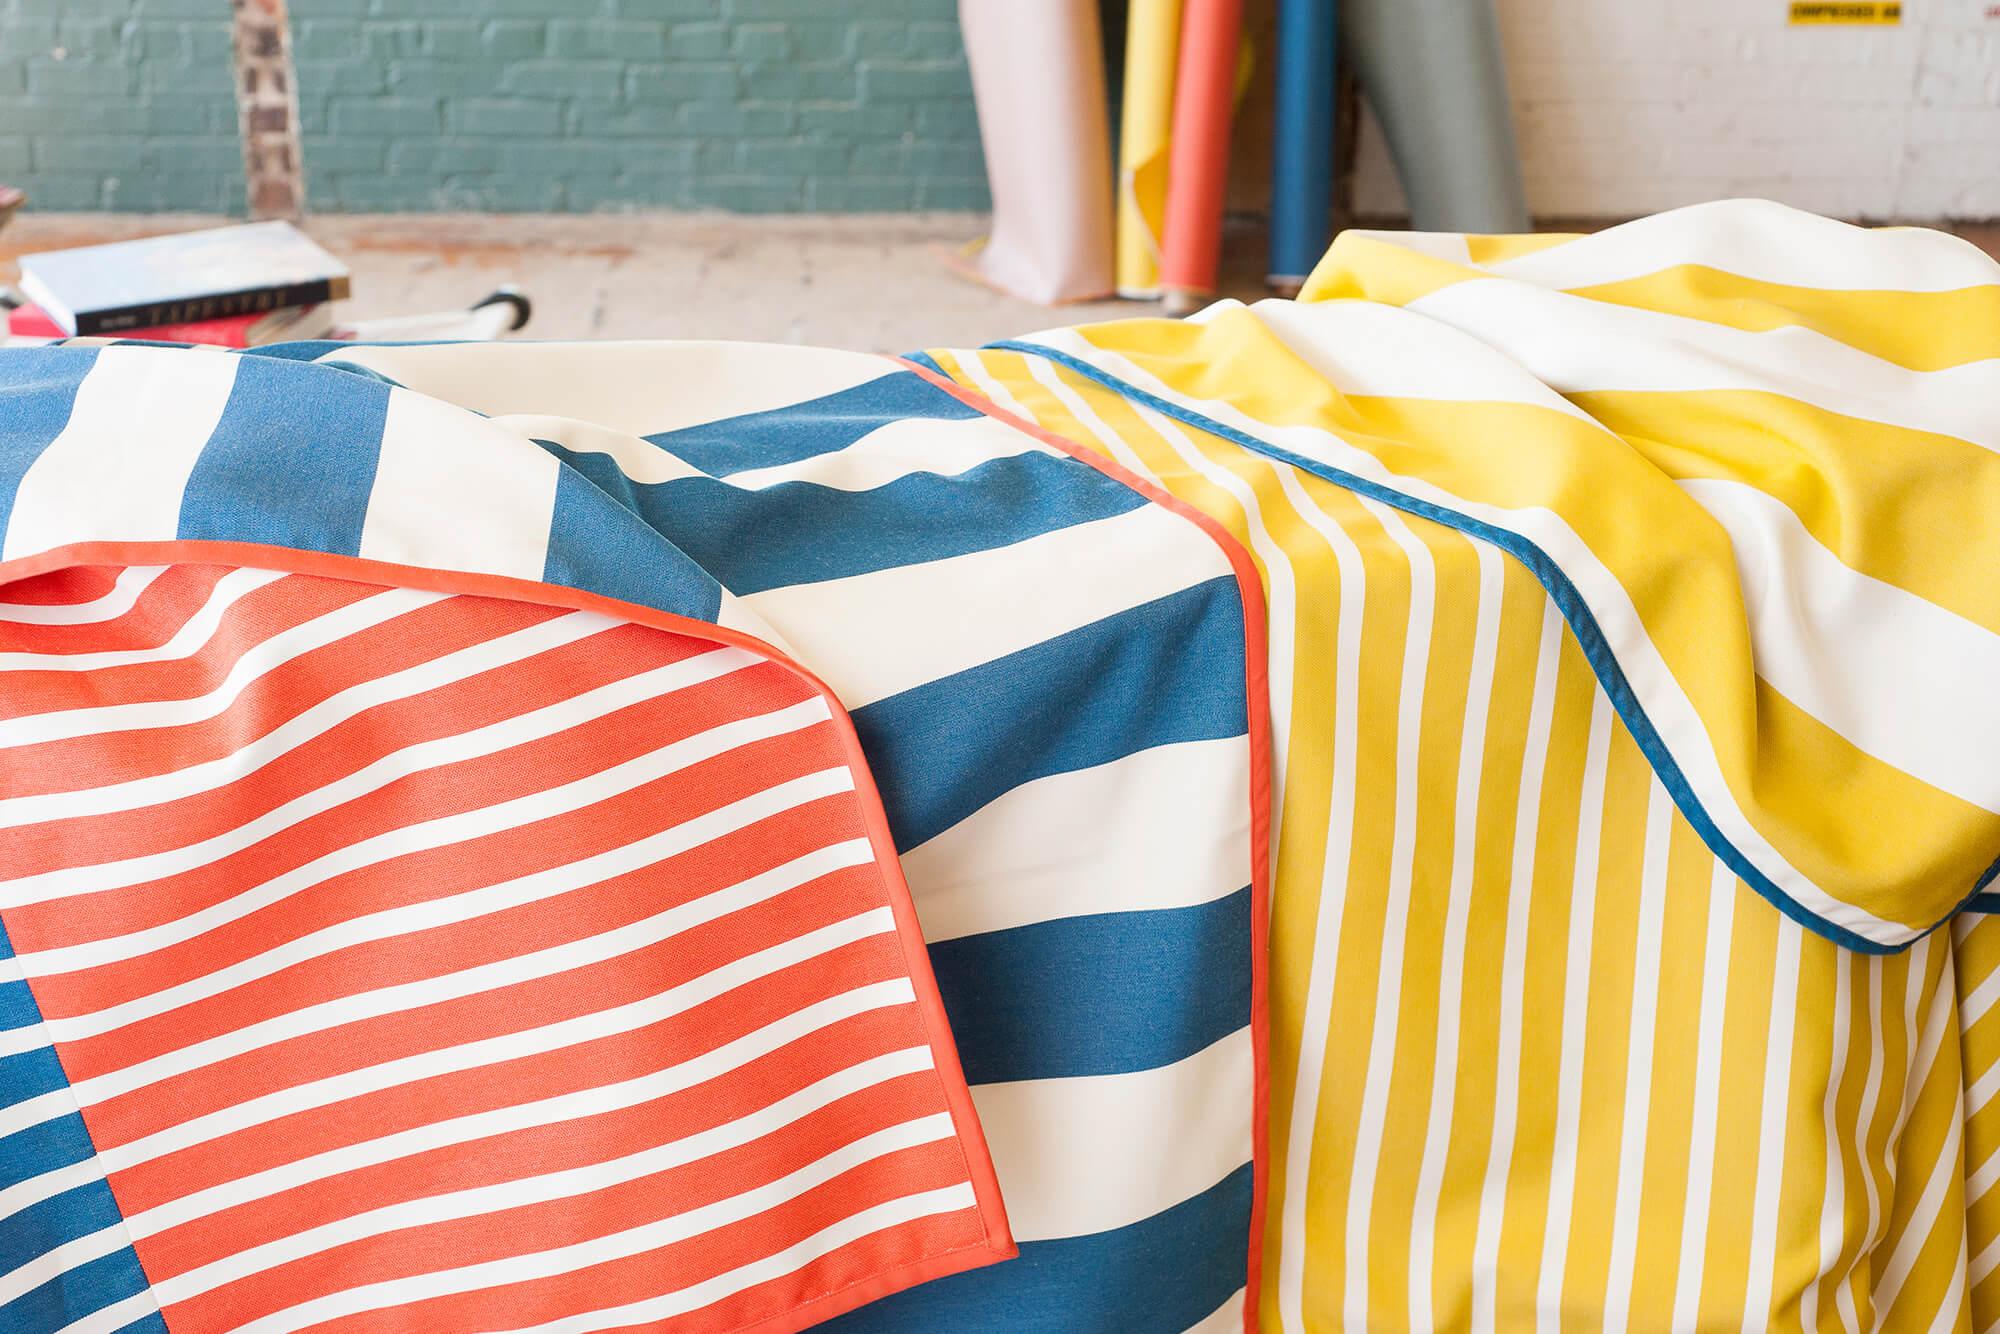 Tessuti drappeggiati a strisce bianche e giallo chiaro, bianche e blu, bianche e rosse